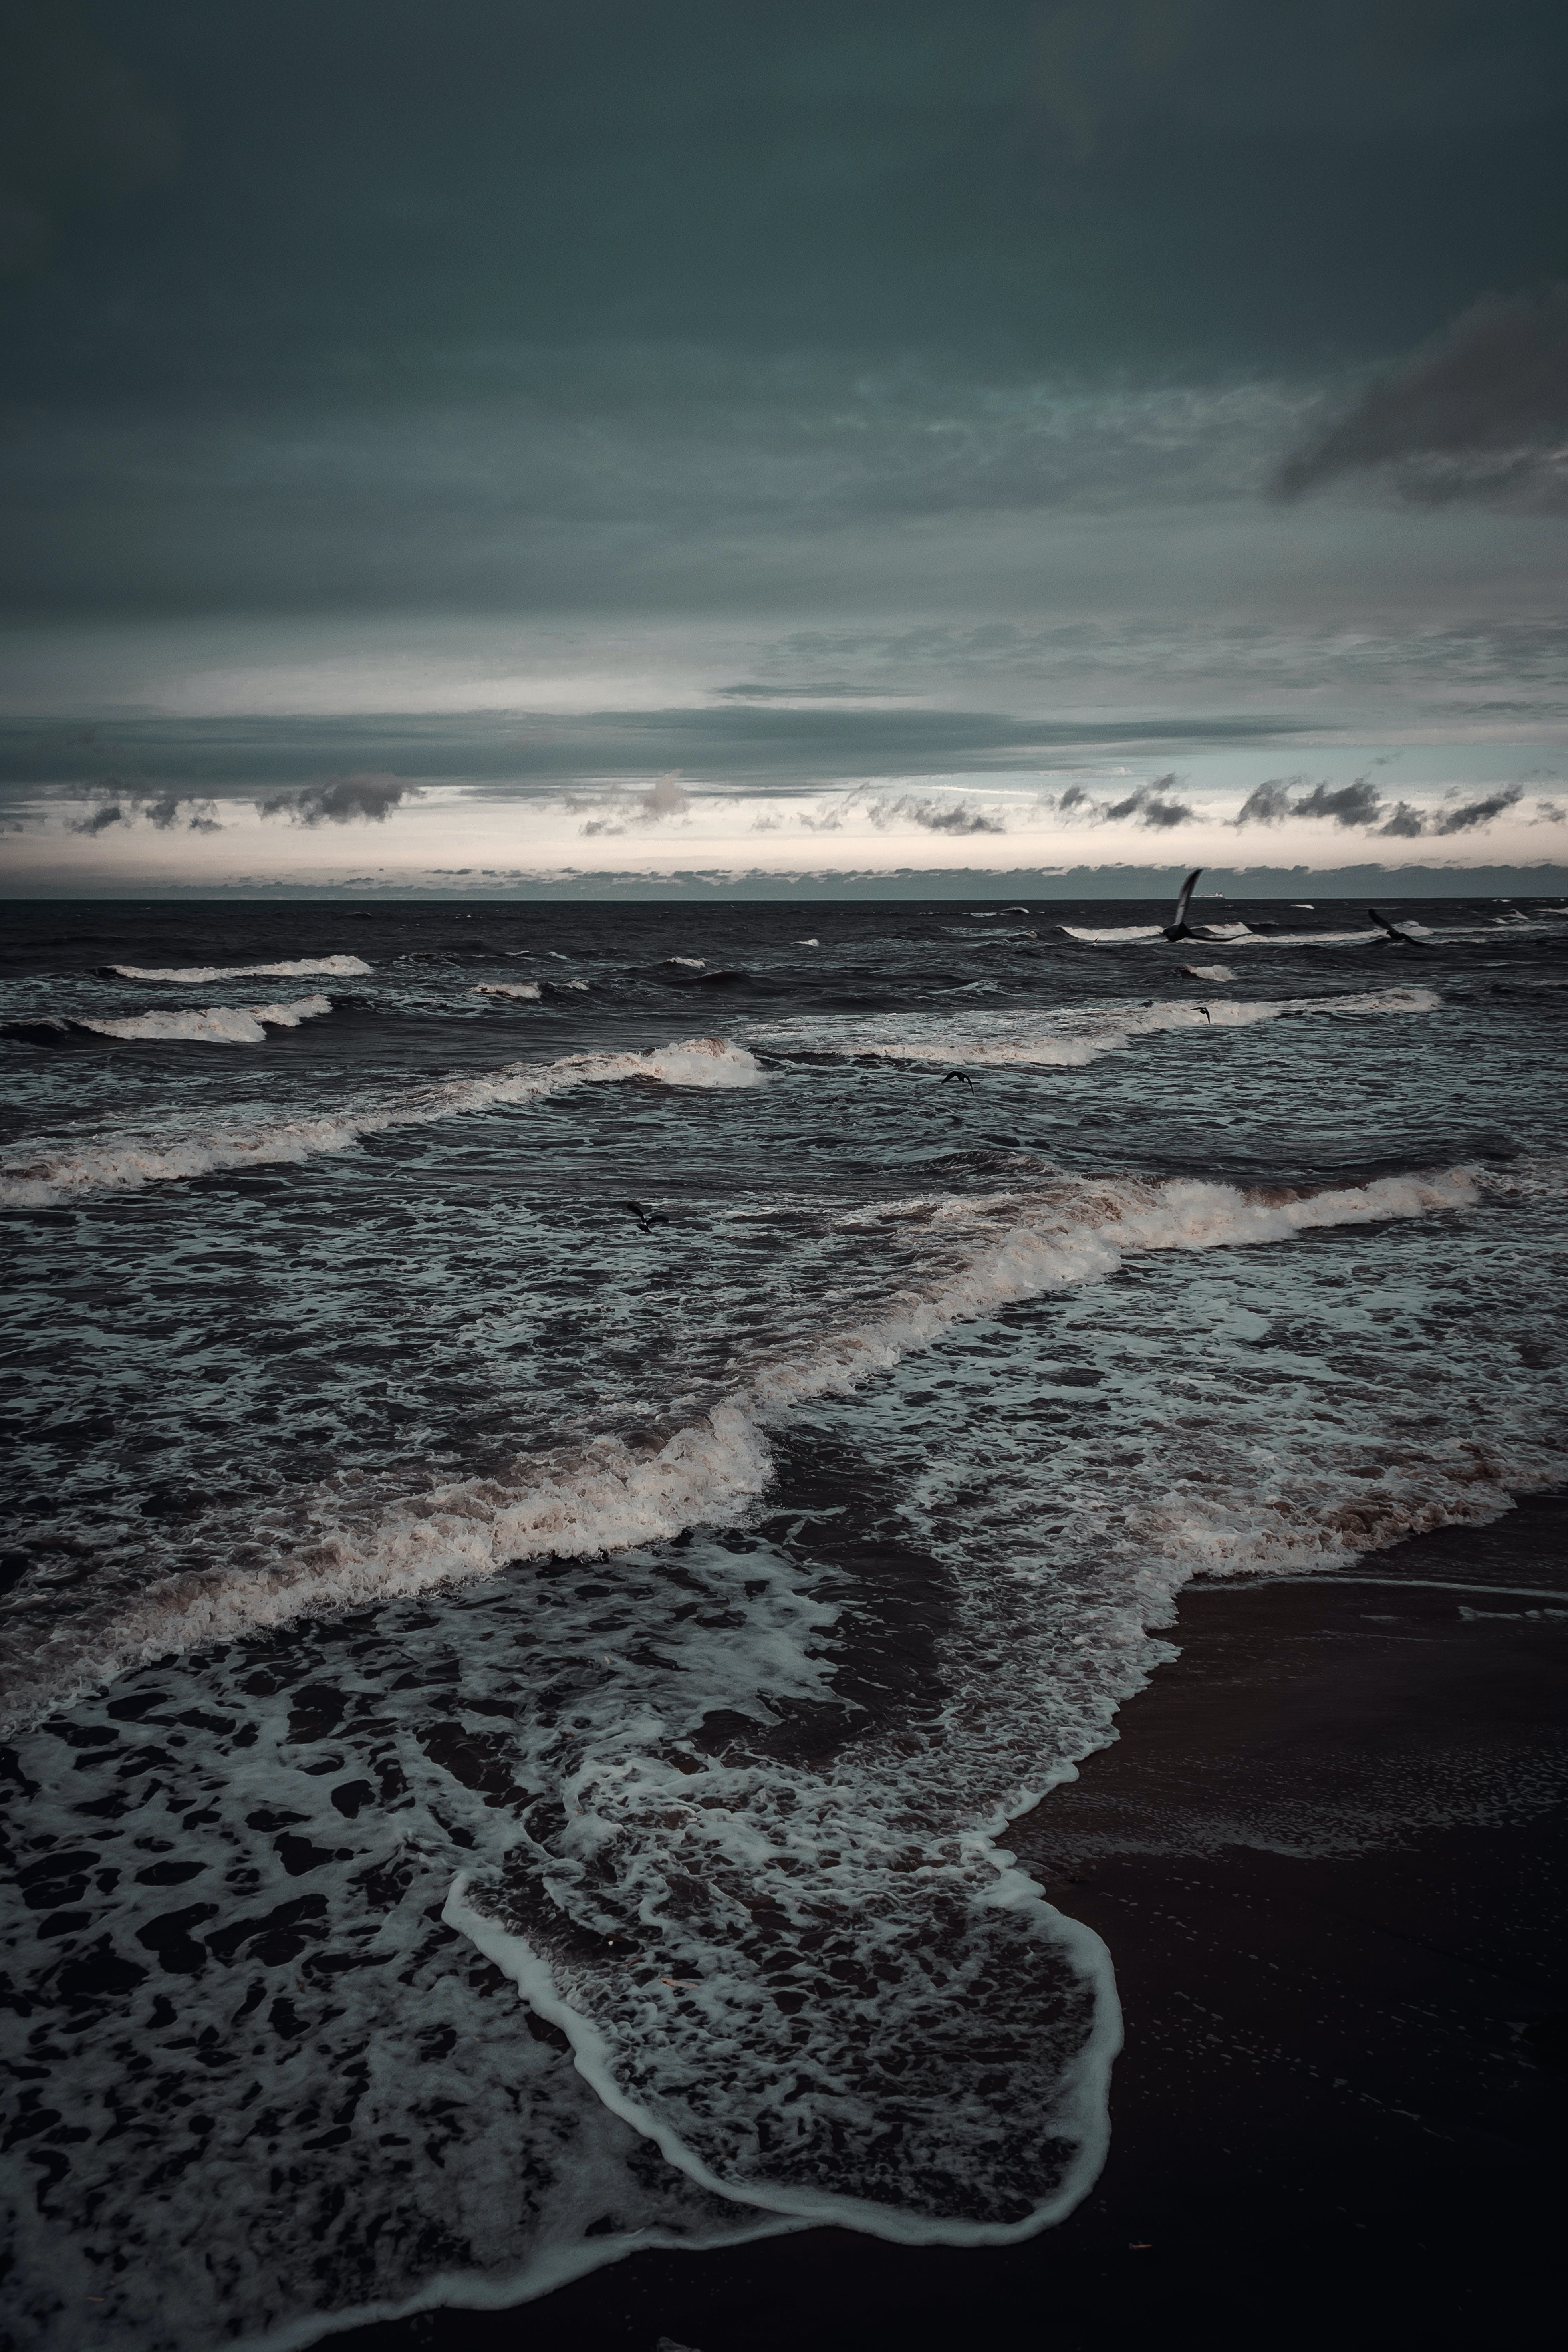 Gratis stockfoto met blikveld, dageraad, donker, golven